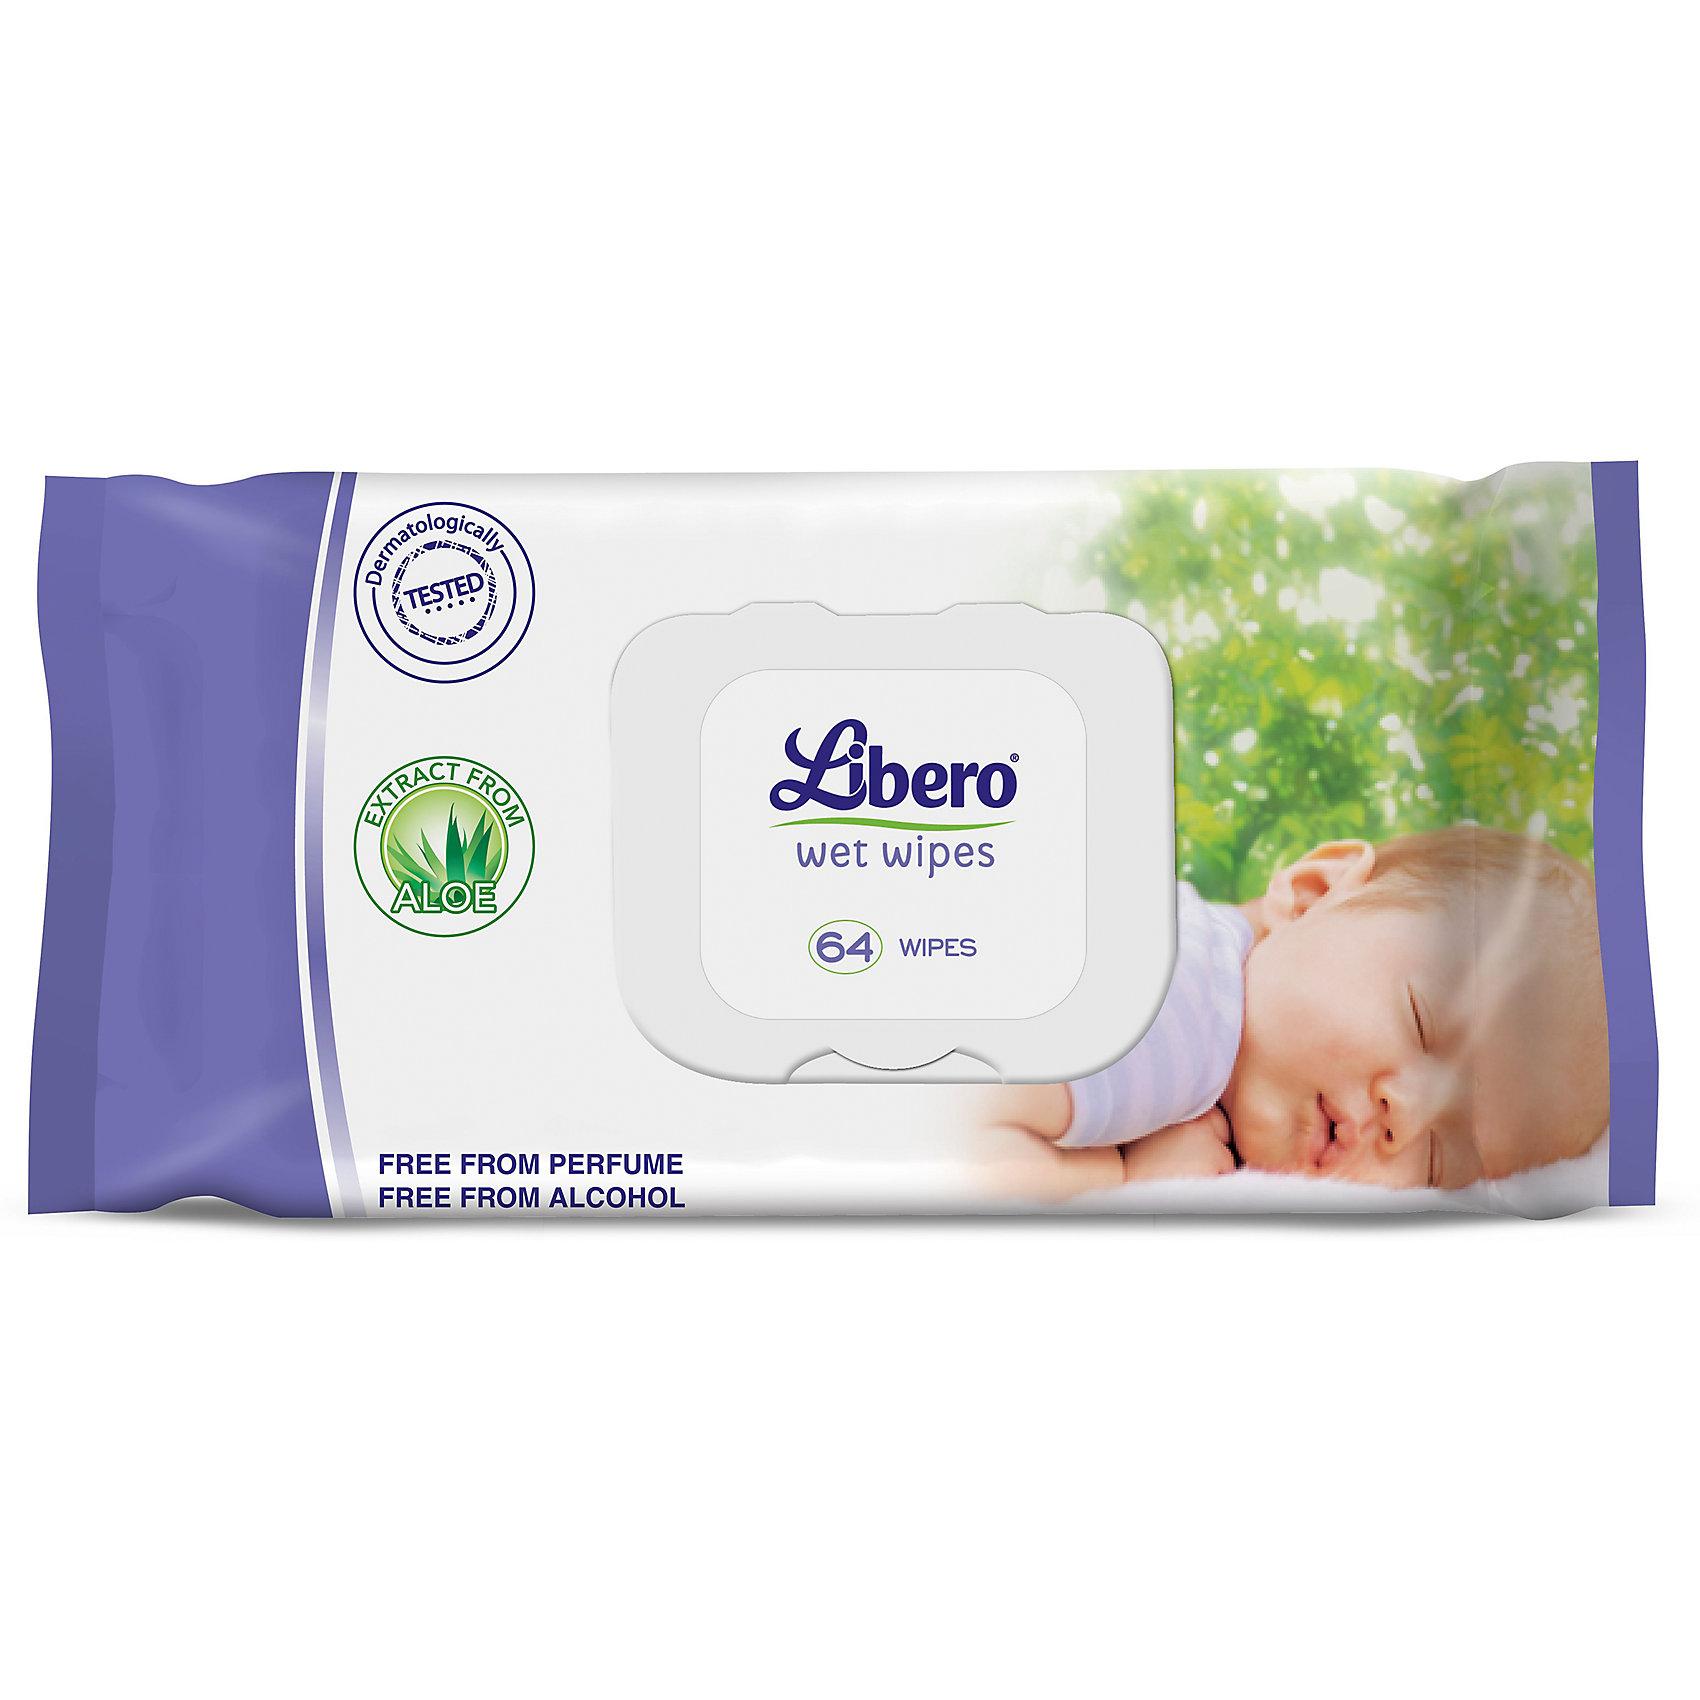 Влажные салфетки Libero с Алоэ, сменный блок, 64 шт.Влажные салфетки<br>Влажные салфетки Libero Wet Wipes сменный блок, 64 шт.<br><br>Характеристики:<br><br>• содержат экстракт алоэ<br>• бережно очищают кожу малыша<br>• не вызывают раздражения<br>• размер упаковки: 19х5,5х10 см<br>• количество: 64 шт.<br><br>Салфетки  Libero Wet Wipes бережно очищают кожу малыша и не вызывают раздражения на коже. Экстракт алоэ успокоит кожу ребенка. Сменный блок позволит вам доставать салфетки максимально удобно, не отвлекаясь от крохи. Салфетки  Libero Wet Wipes отлично подходят для первых гигиенических процедур.<br><br>Влажные салфетки Libero Wet Wipes сменный блок, 64 шт. вы можете купить в нашем интернет-магазине.<br><br>Ширина мм: 50<br>Глубина мм: 172<br>Высота мм: 110<br>Вес г: 406<br>Возраст от месяцев: 0<br>Возраст до месяцев: 84<br>Пол: Унисекс<br>Возраст: Детский<br>SKU: 3517662